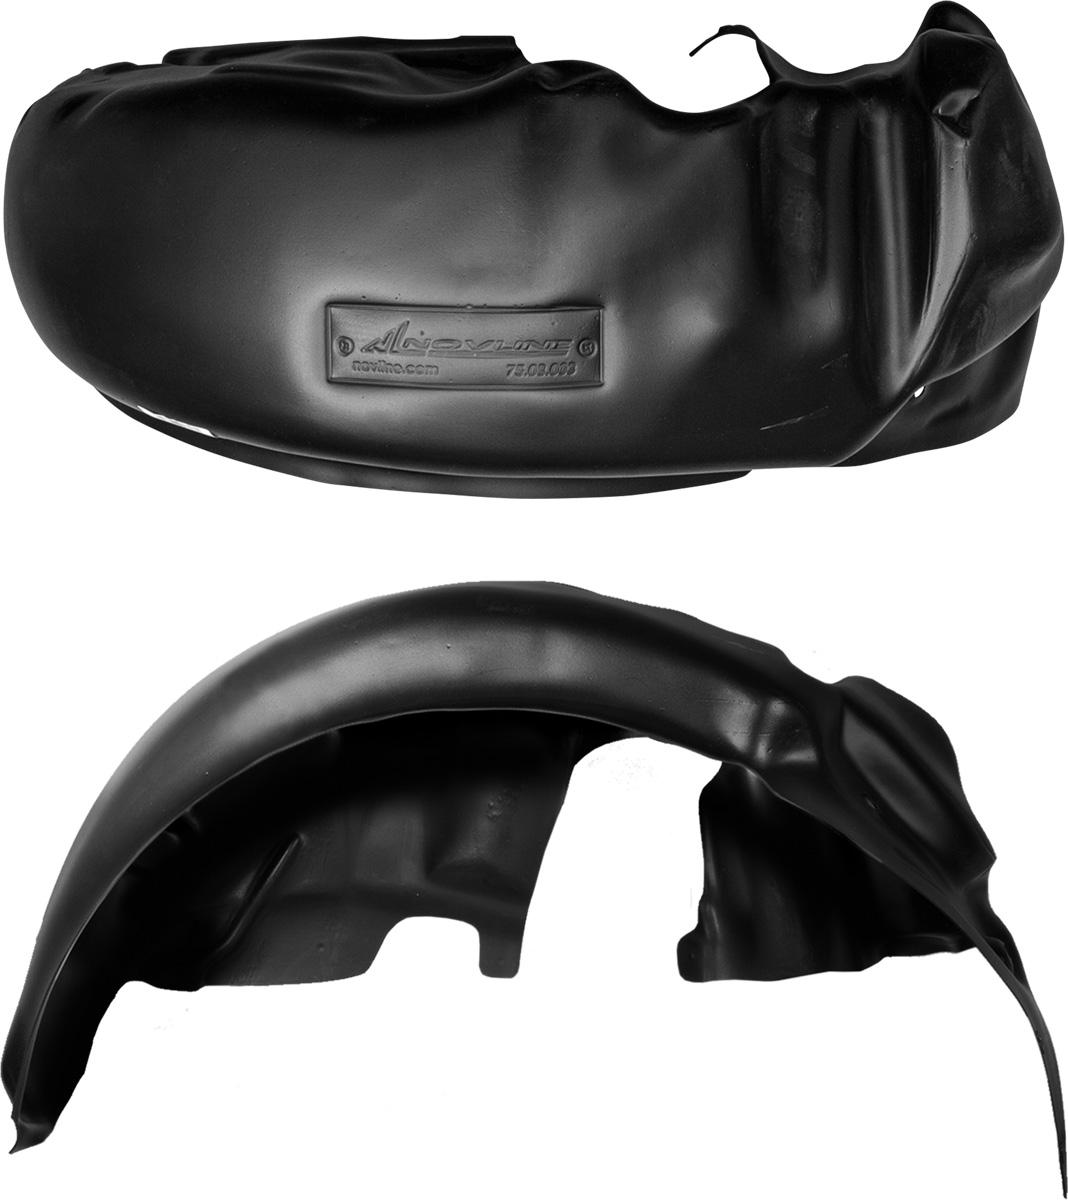 Подкрылок CHEVROLET Lanos 1997-2009, седан, передний левыйNLL.08.02.001Колесные ниши – одни из самых уязвимых зон днища вашего автомобиля. Они постоянно подвергаются воздействию со стороны дороги. Лучшая, почти абсолютная защита для них - специально отформованные пластиковые кожухи, которые называются подкрылками, или локерами. Производятся они как для отечественных моделей автомобилей, так и для иномарок. Подкрылки выполнены из высококачественного, экологически чистого пластика. Обеспечивают надежную защиту кузова автомобиля от пескоструйного эффекта и негативного влияния, агрессивных антигололедных реагентов. Пластик обладает более низкой теплопроводностью, чем металл, поэтому в зимний период эксплуатации использование пластиковых подкрылков позволяет лучше защитить колесные ниши от налипания снега и образования наледи. Оригинальность конструкции подчеркивает элегантность автомобиля, бережно защищает нанесенное на днище кузова антикоррозийное покрытие и позволяет осуществить крепление подкрылков внутри колесной арки практически без дополнительного...